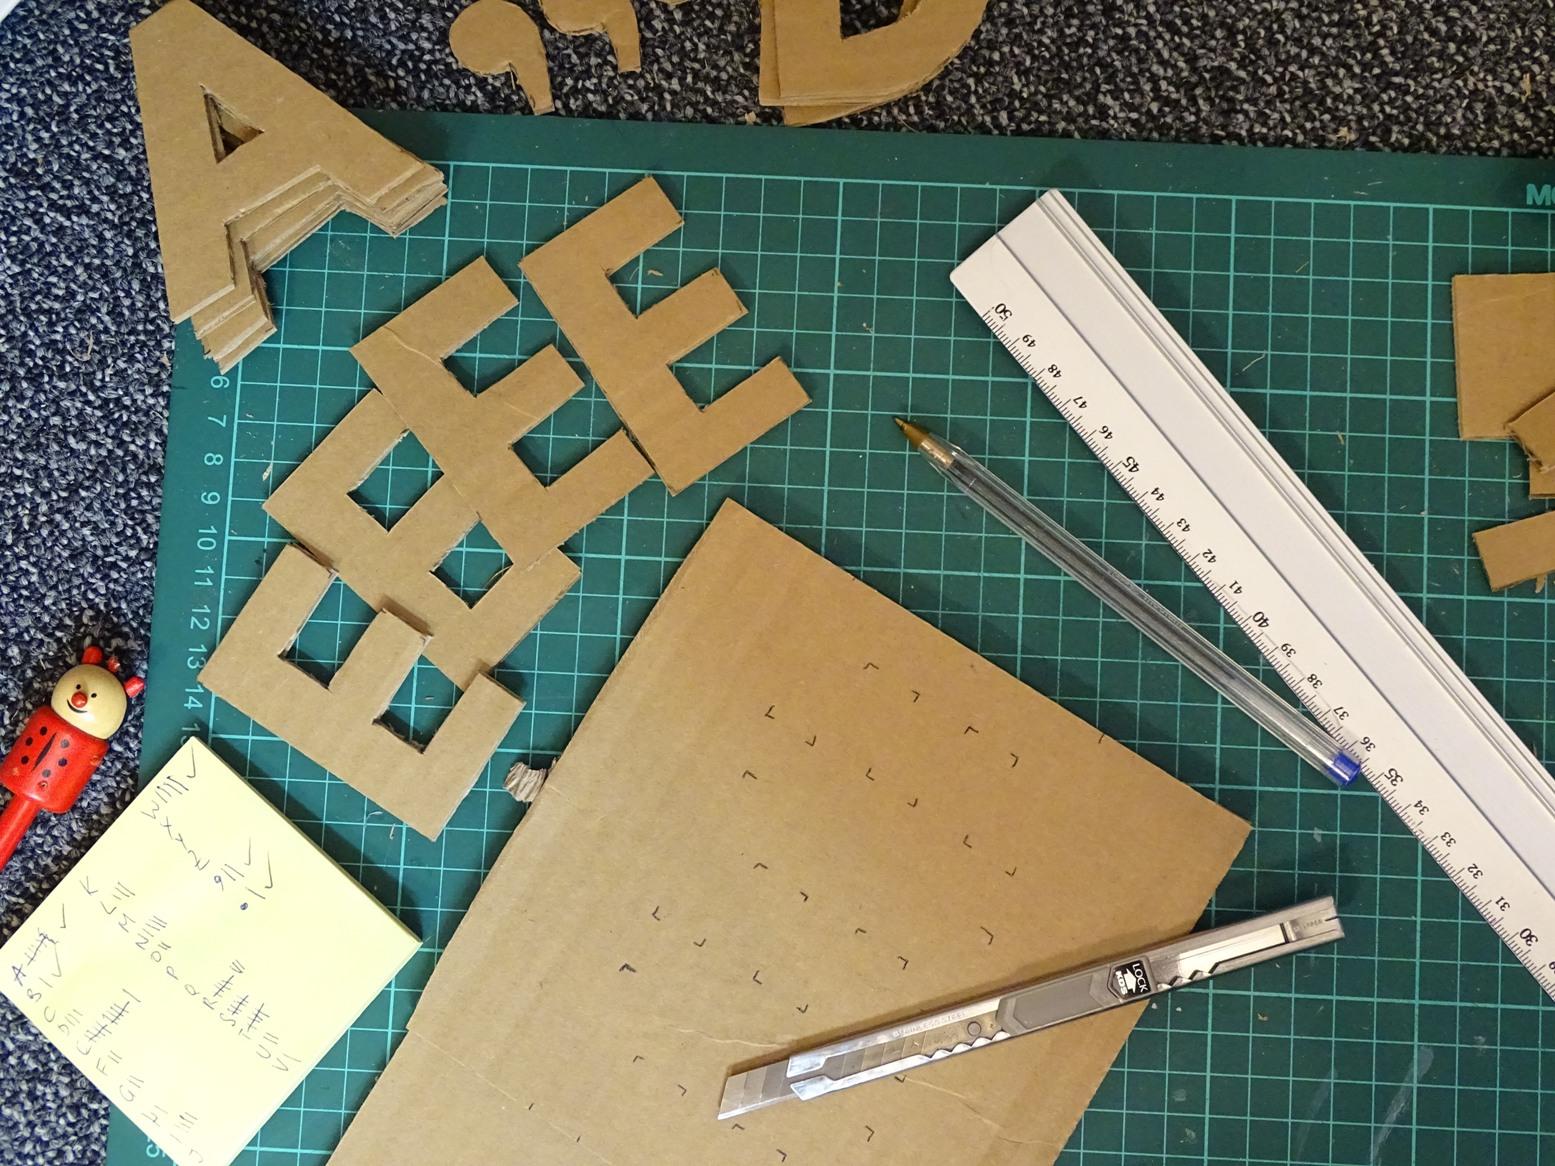 Buchstaben aus Karton ausschneiden: Kostenlose Vorlagen herunterladen bei VlikeVeronika